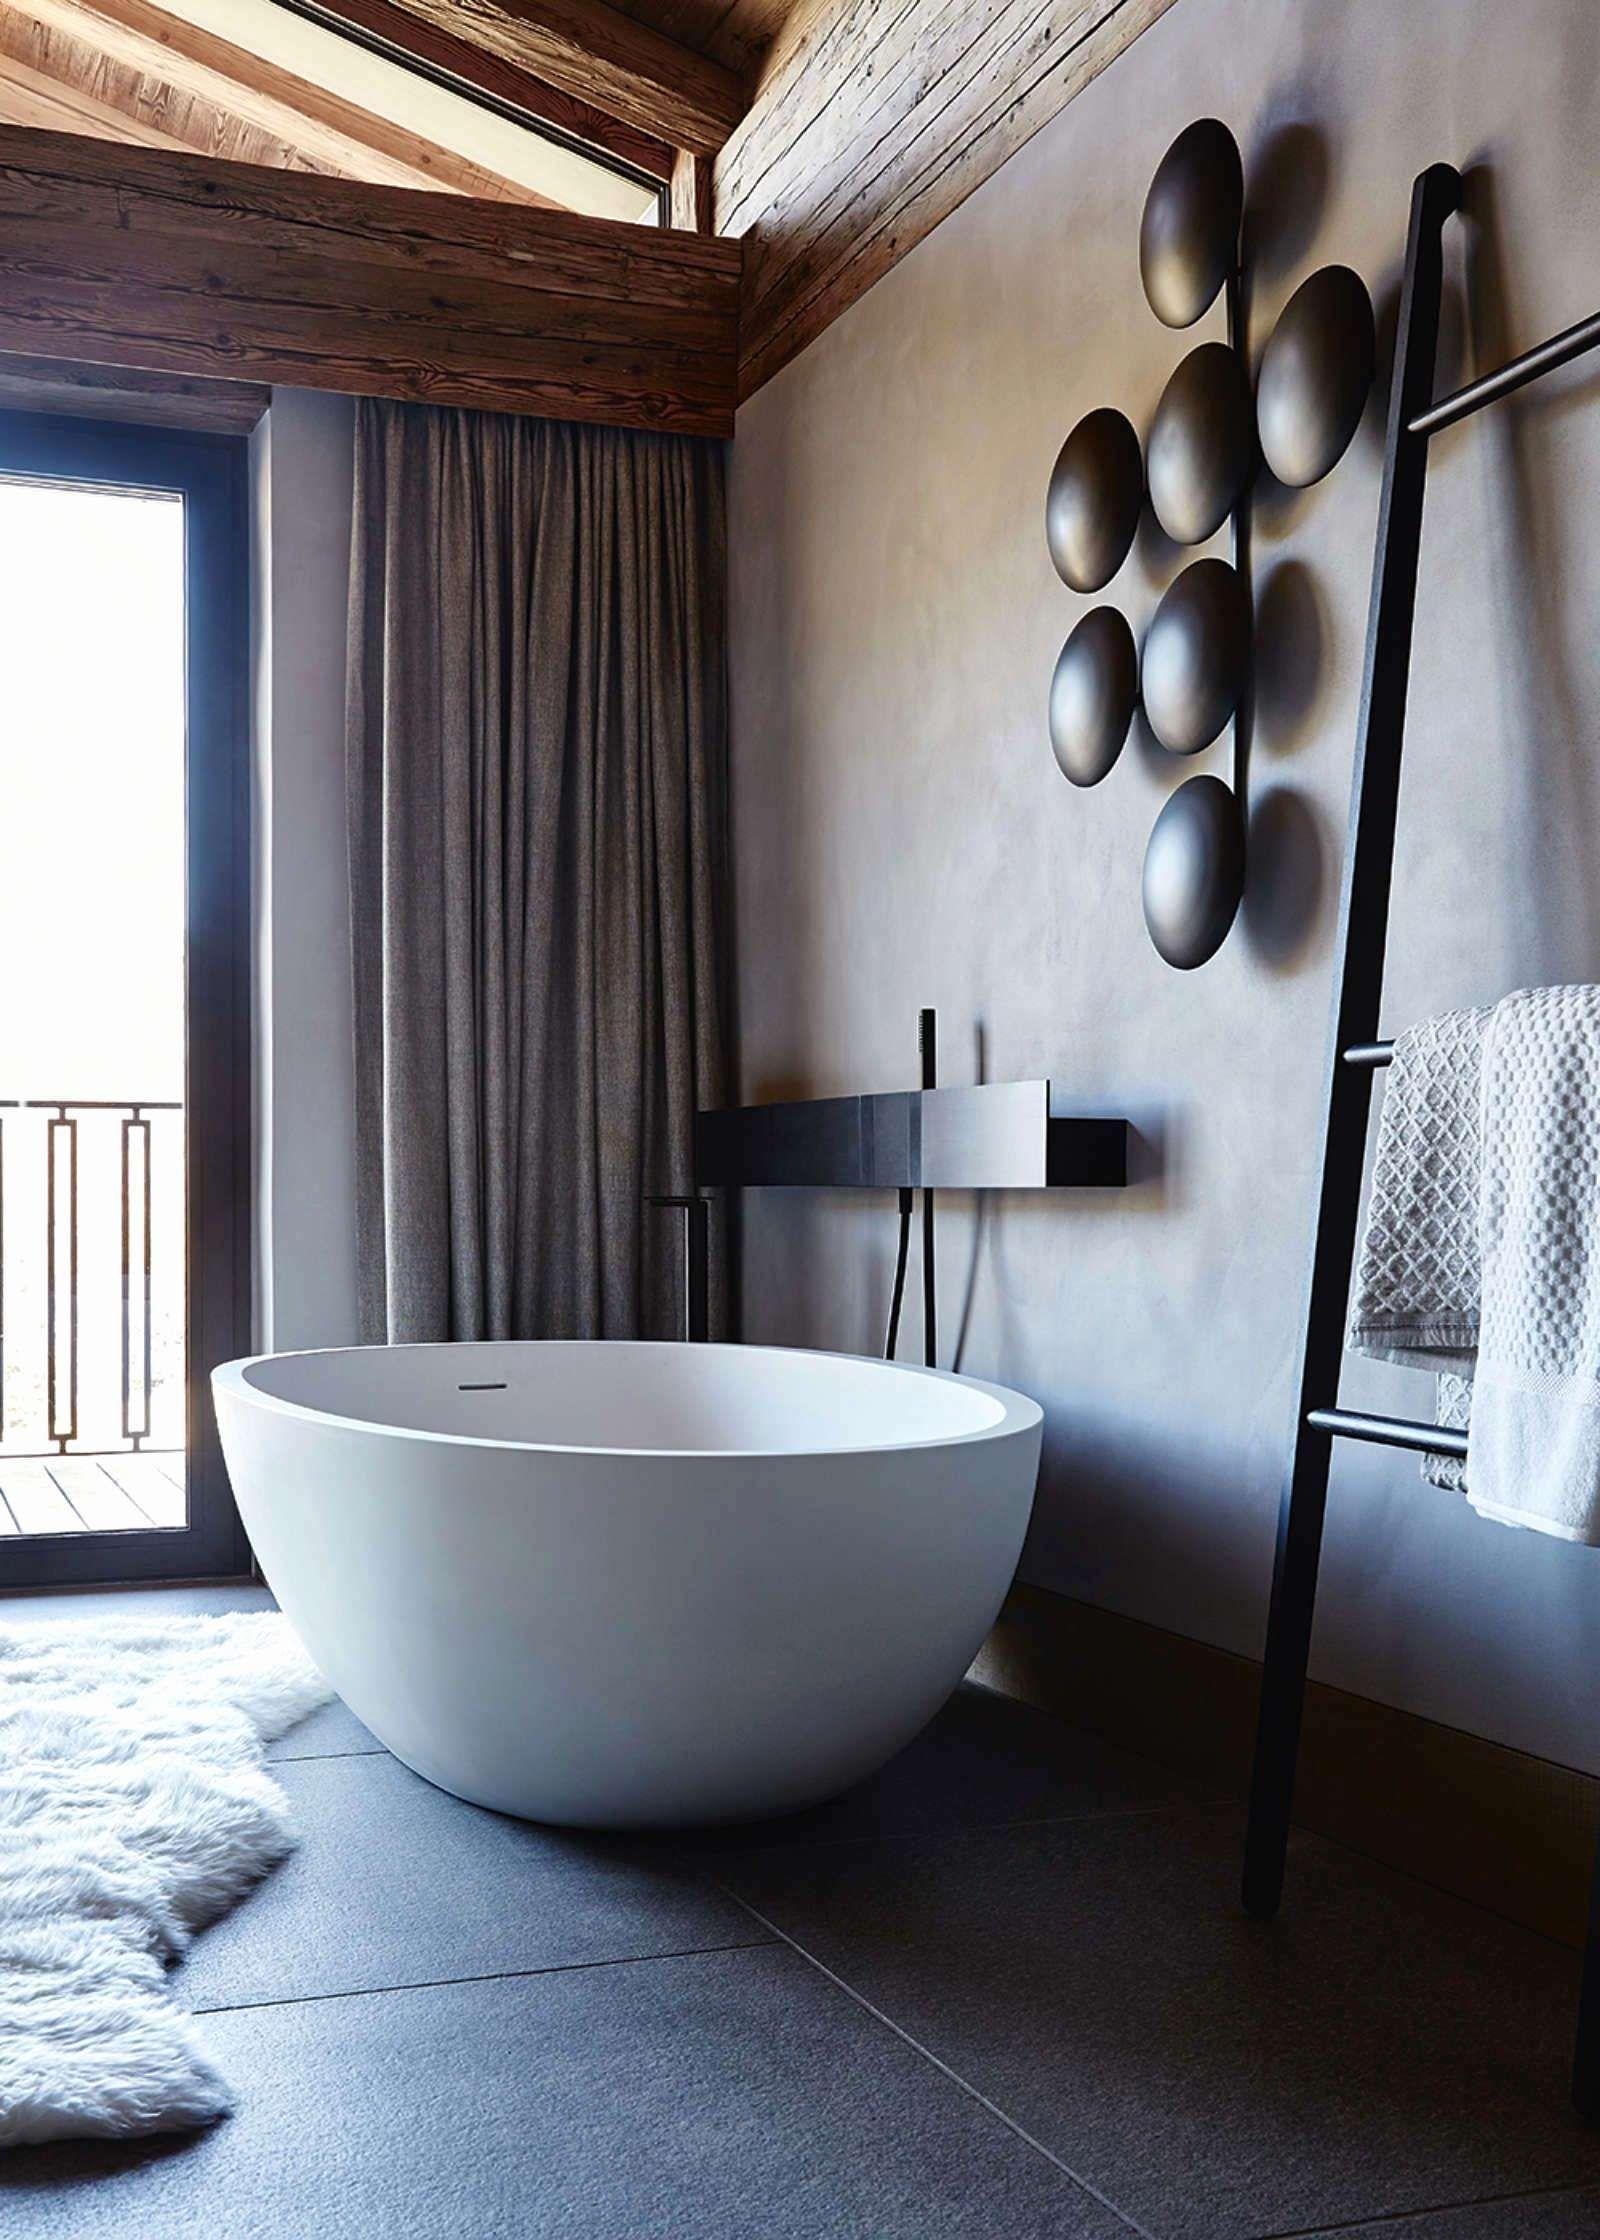 Waschtisch Spiegelschrank Set Freistehendes Waschbecken Badezimmer New Bad Wasch In 2020 Spanish Home Decor Spanish Style Bathrooms Chairs For Sale